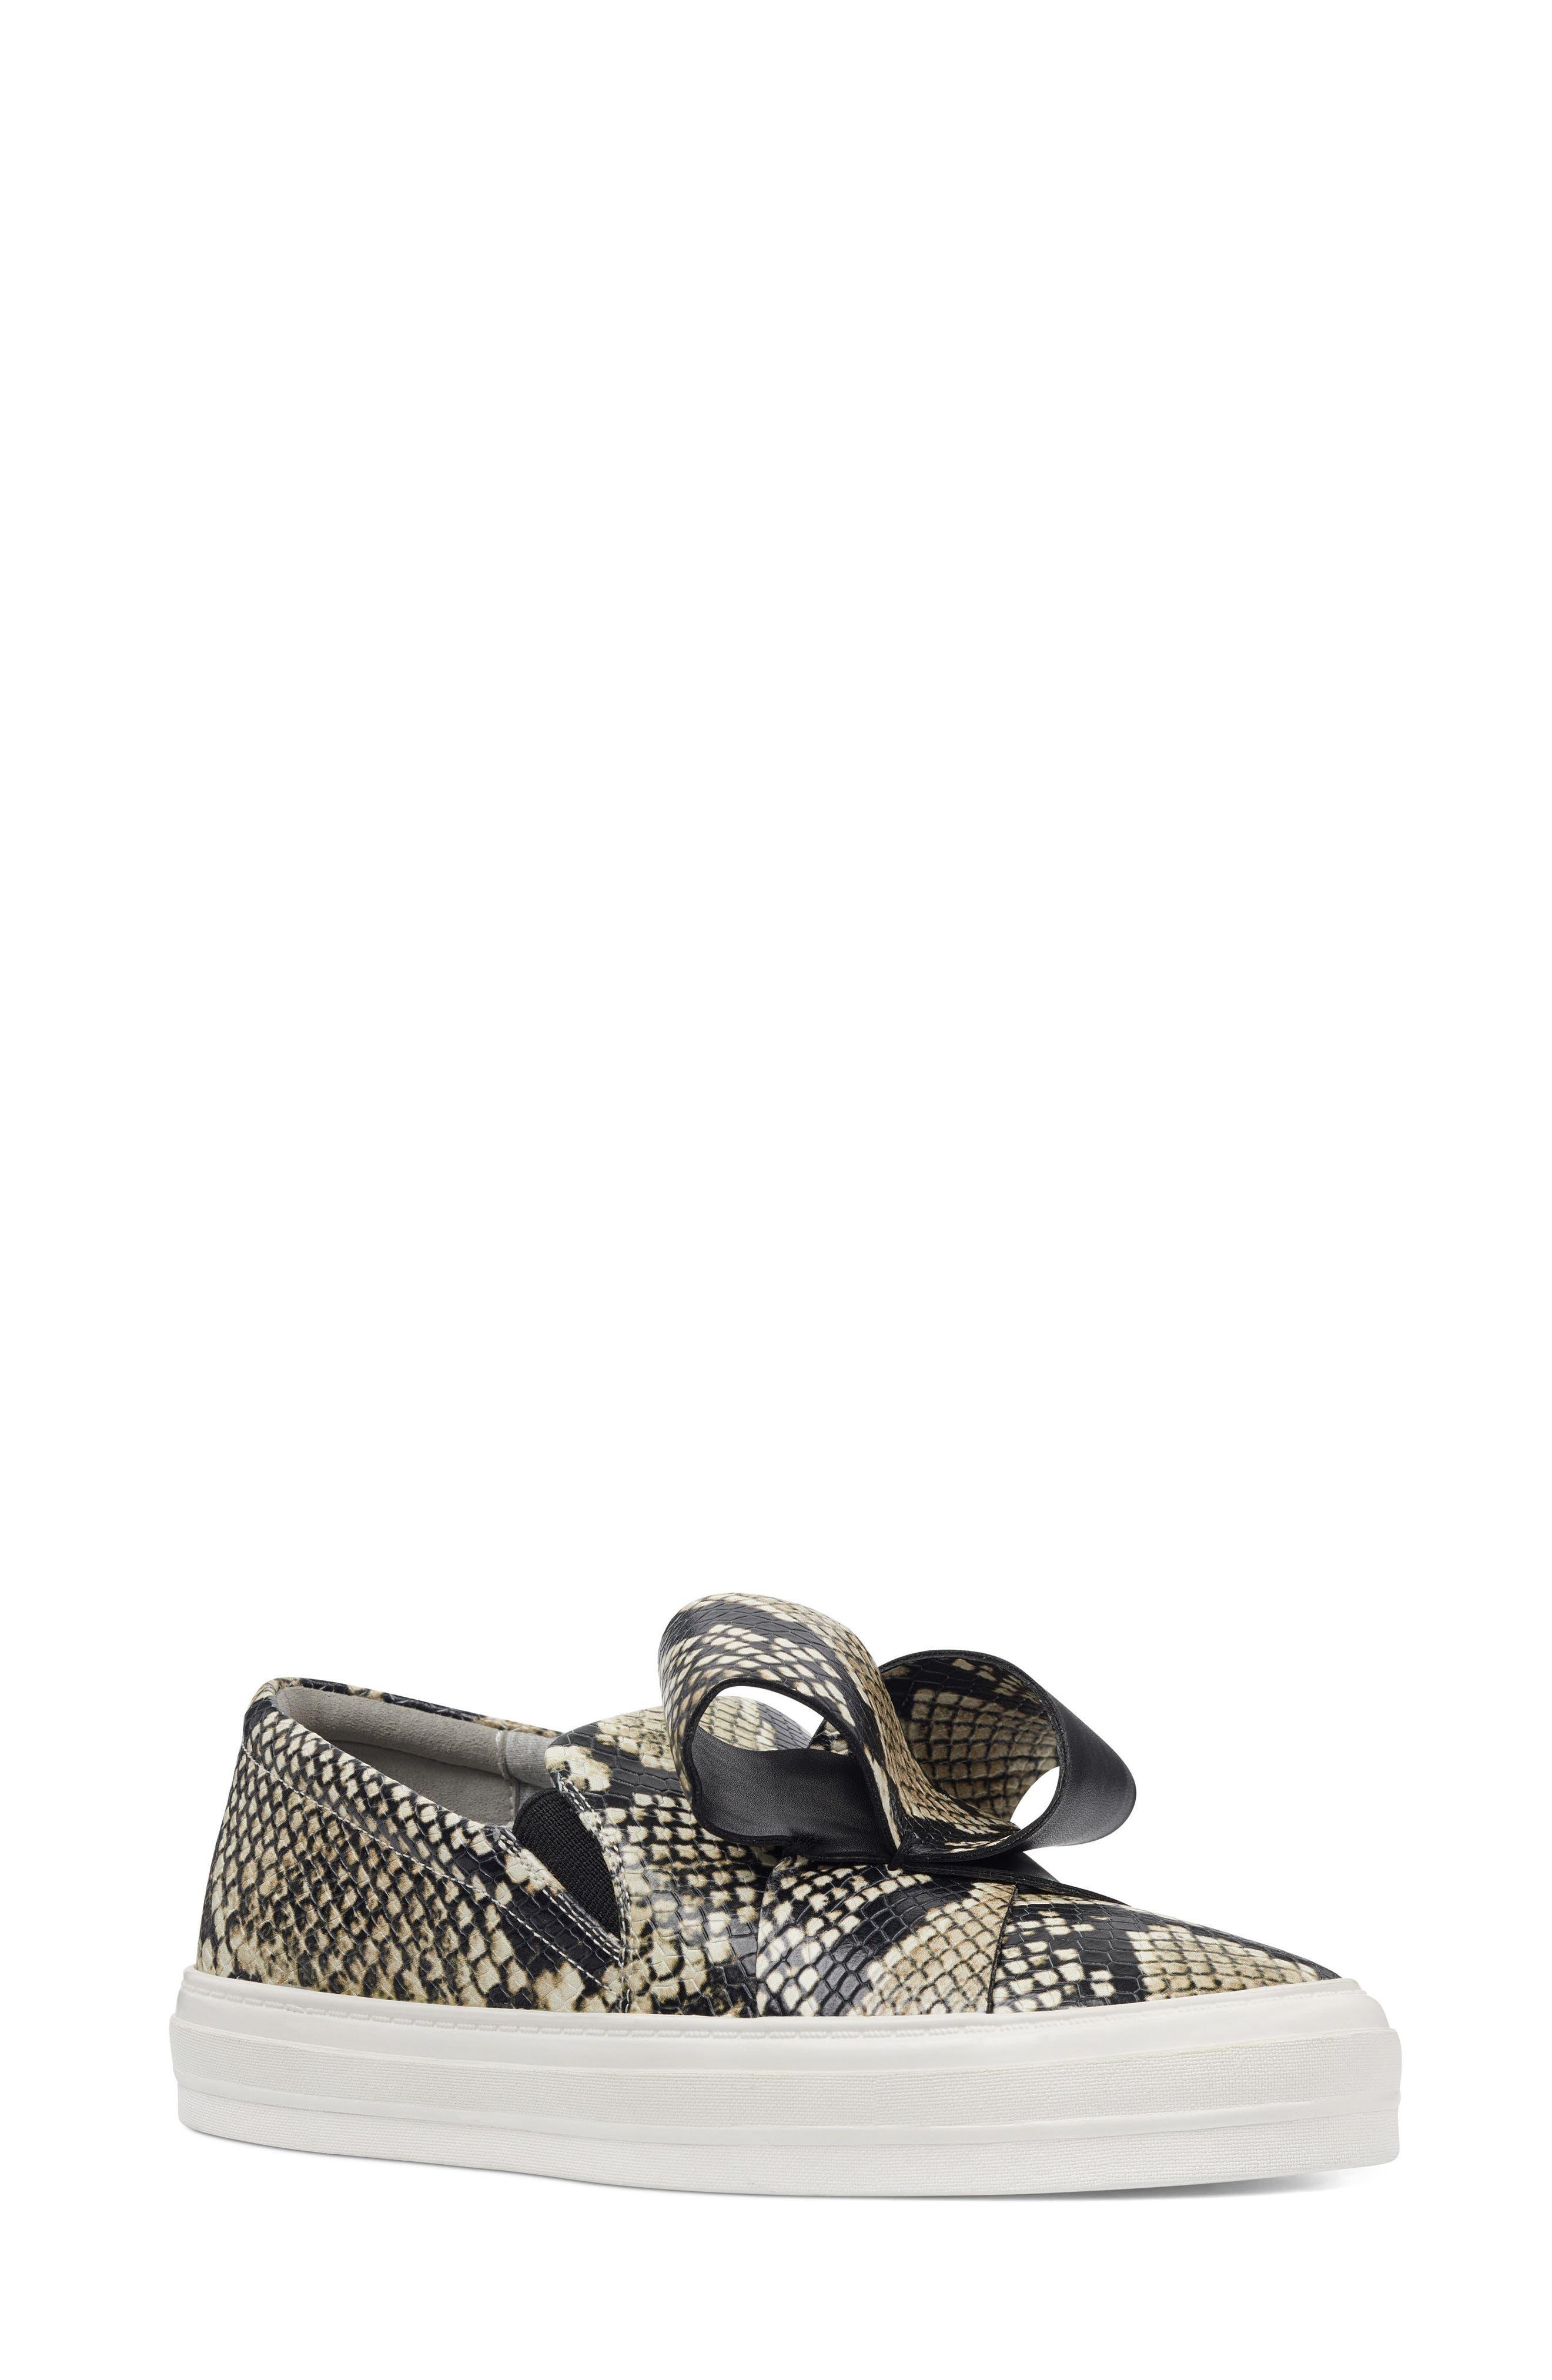 Odienella Slip-On Sneaker,                         Main,                         color, Off White Multi Leather